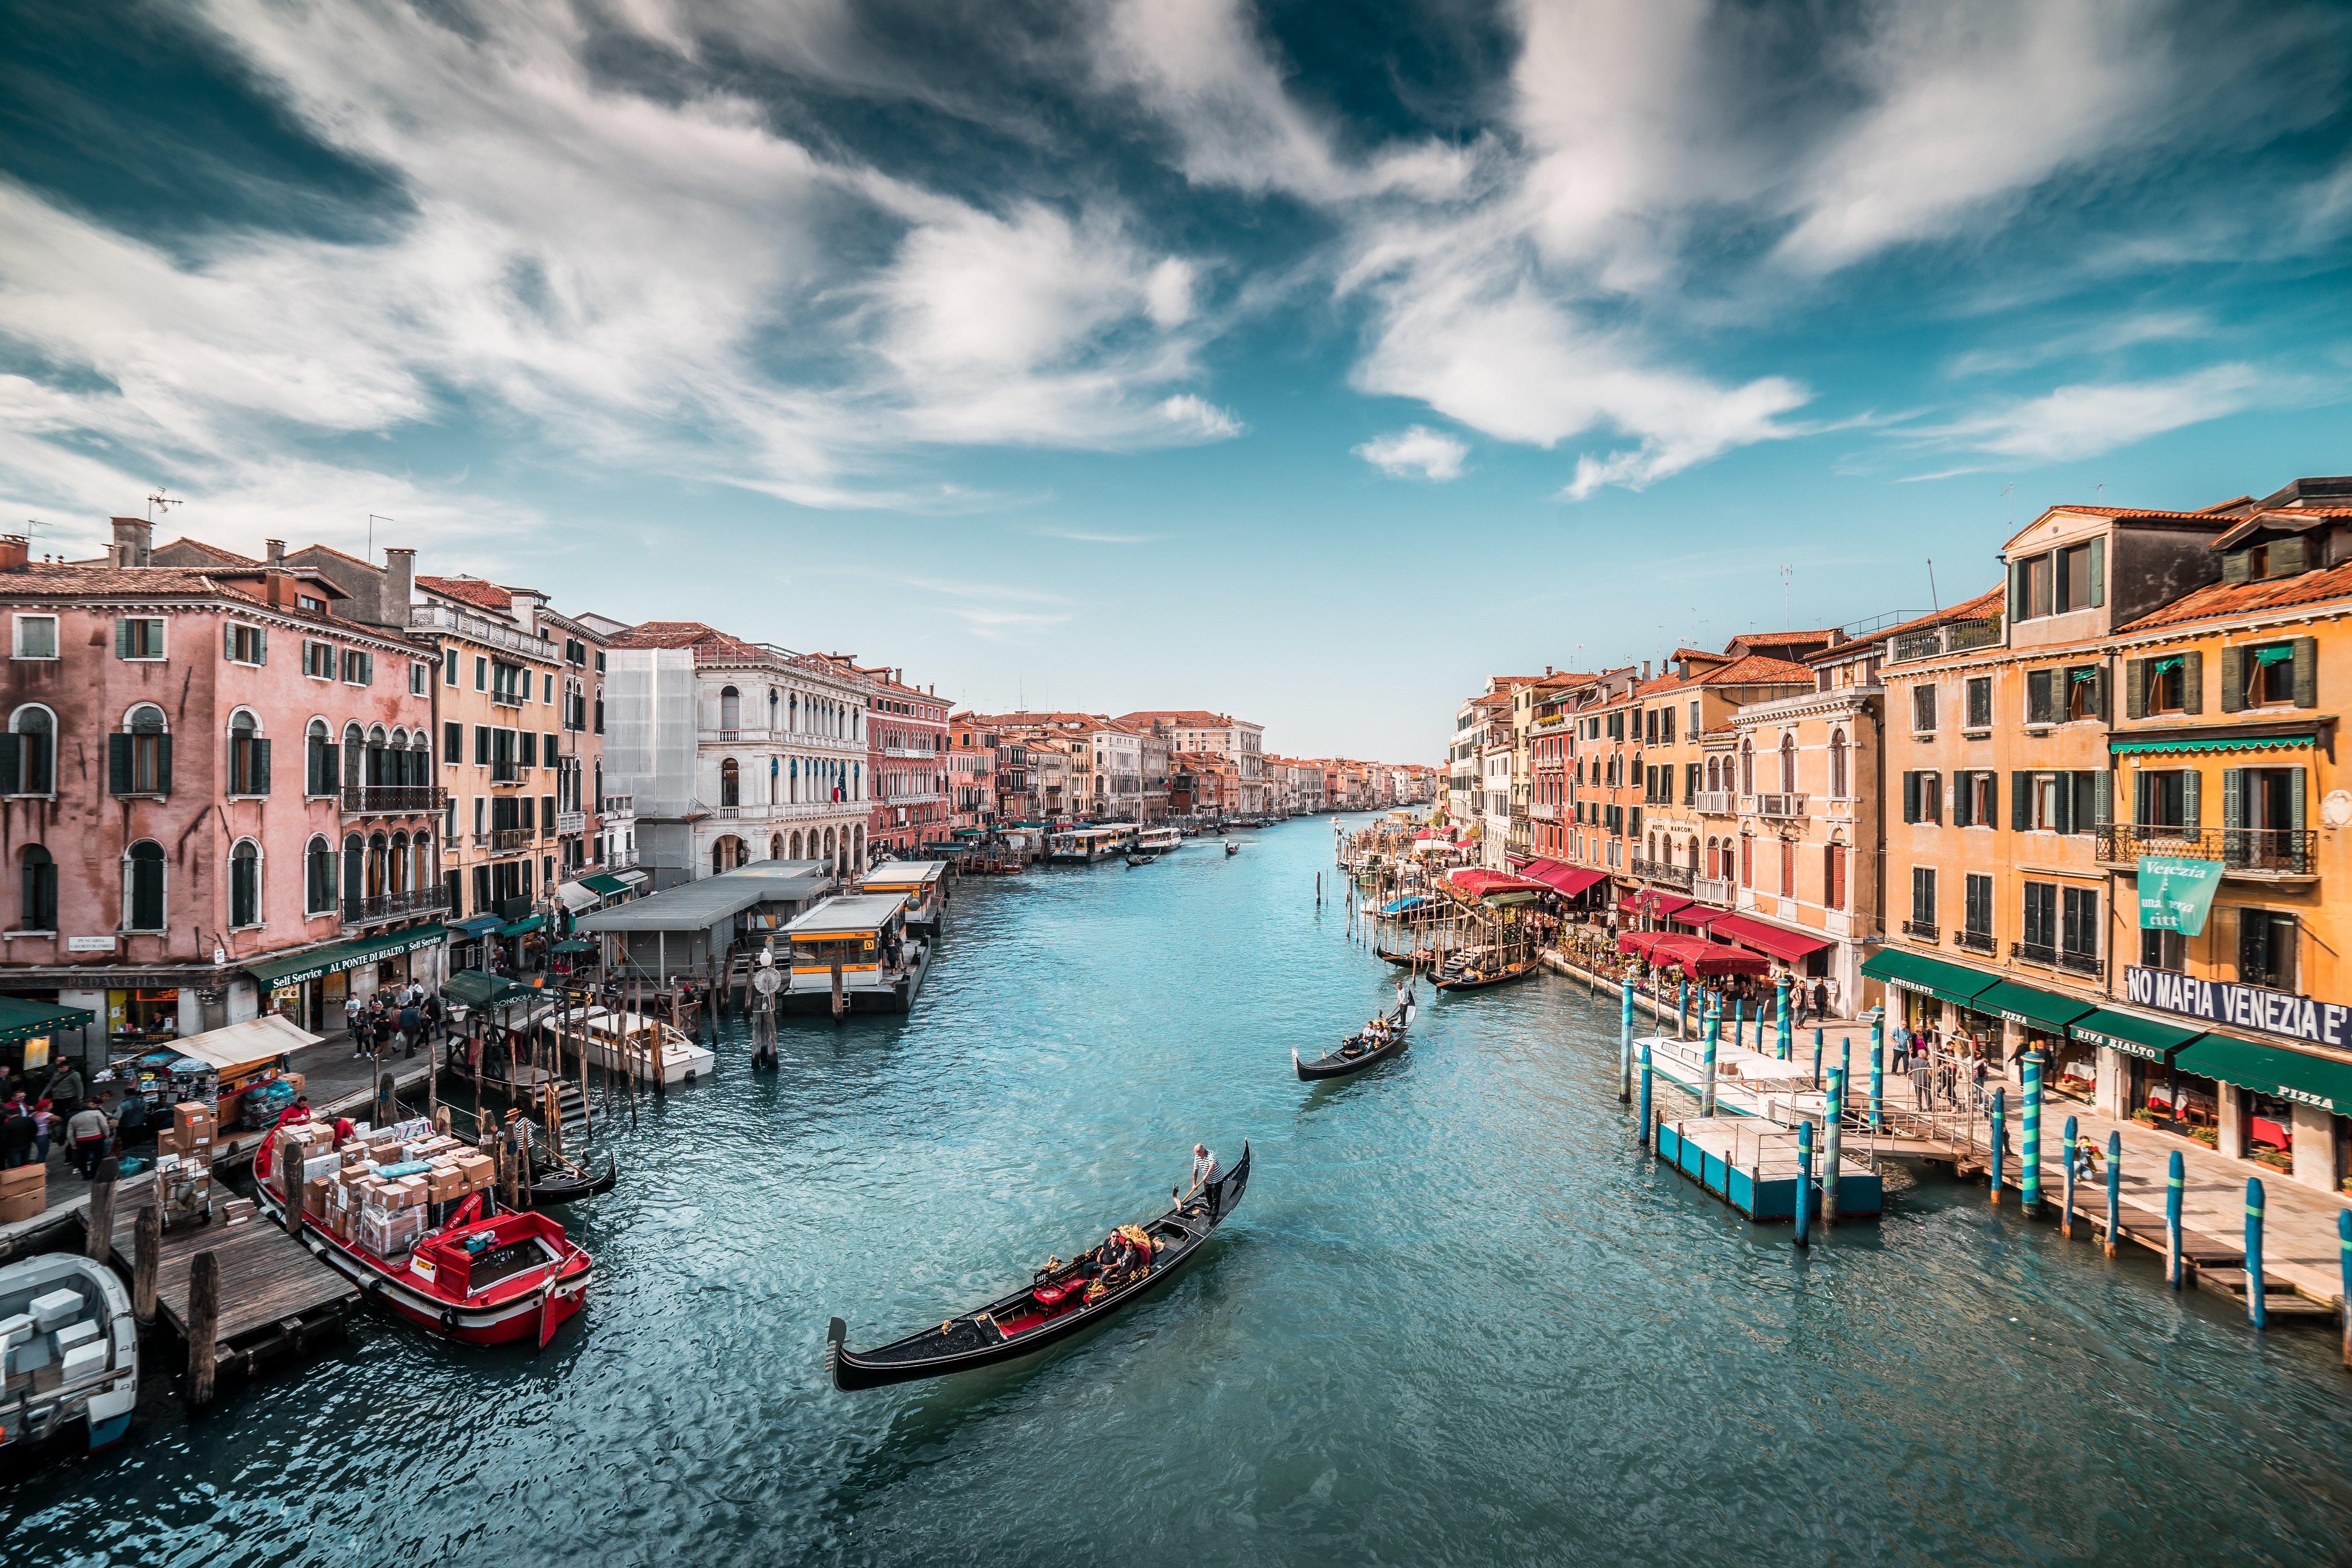 Fondos de pantalla Botes en canal de Venecia Italia